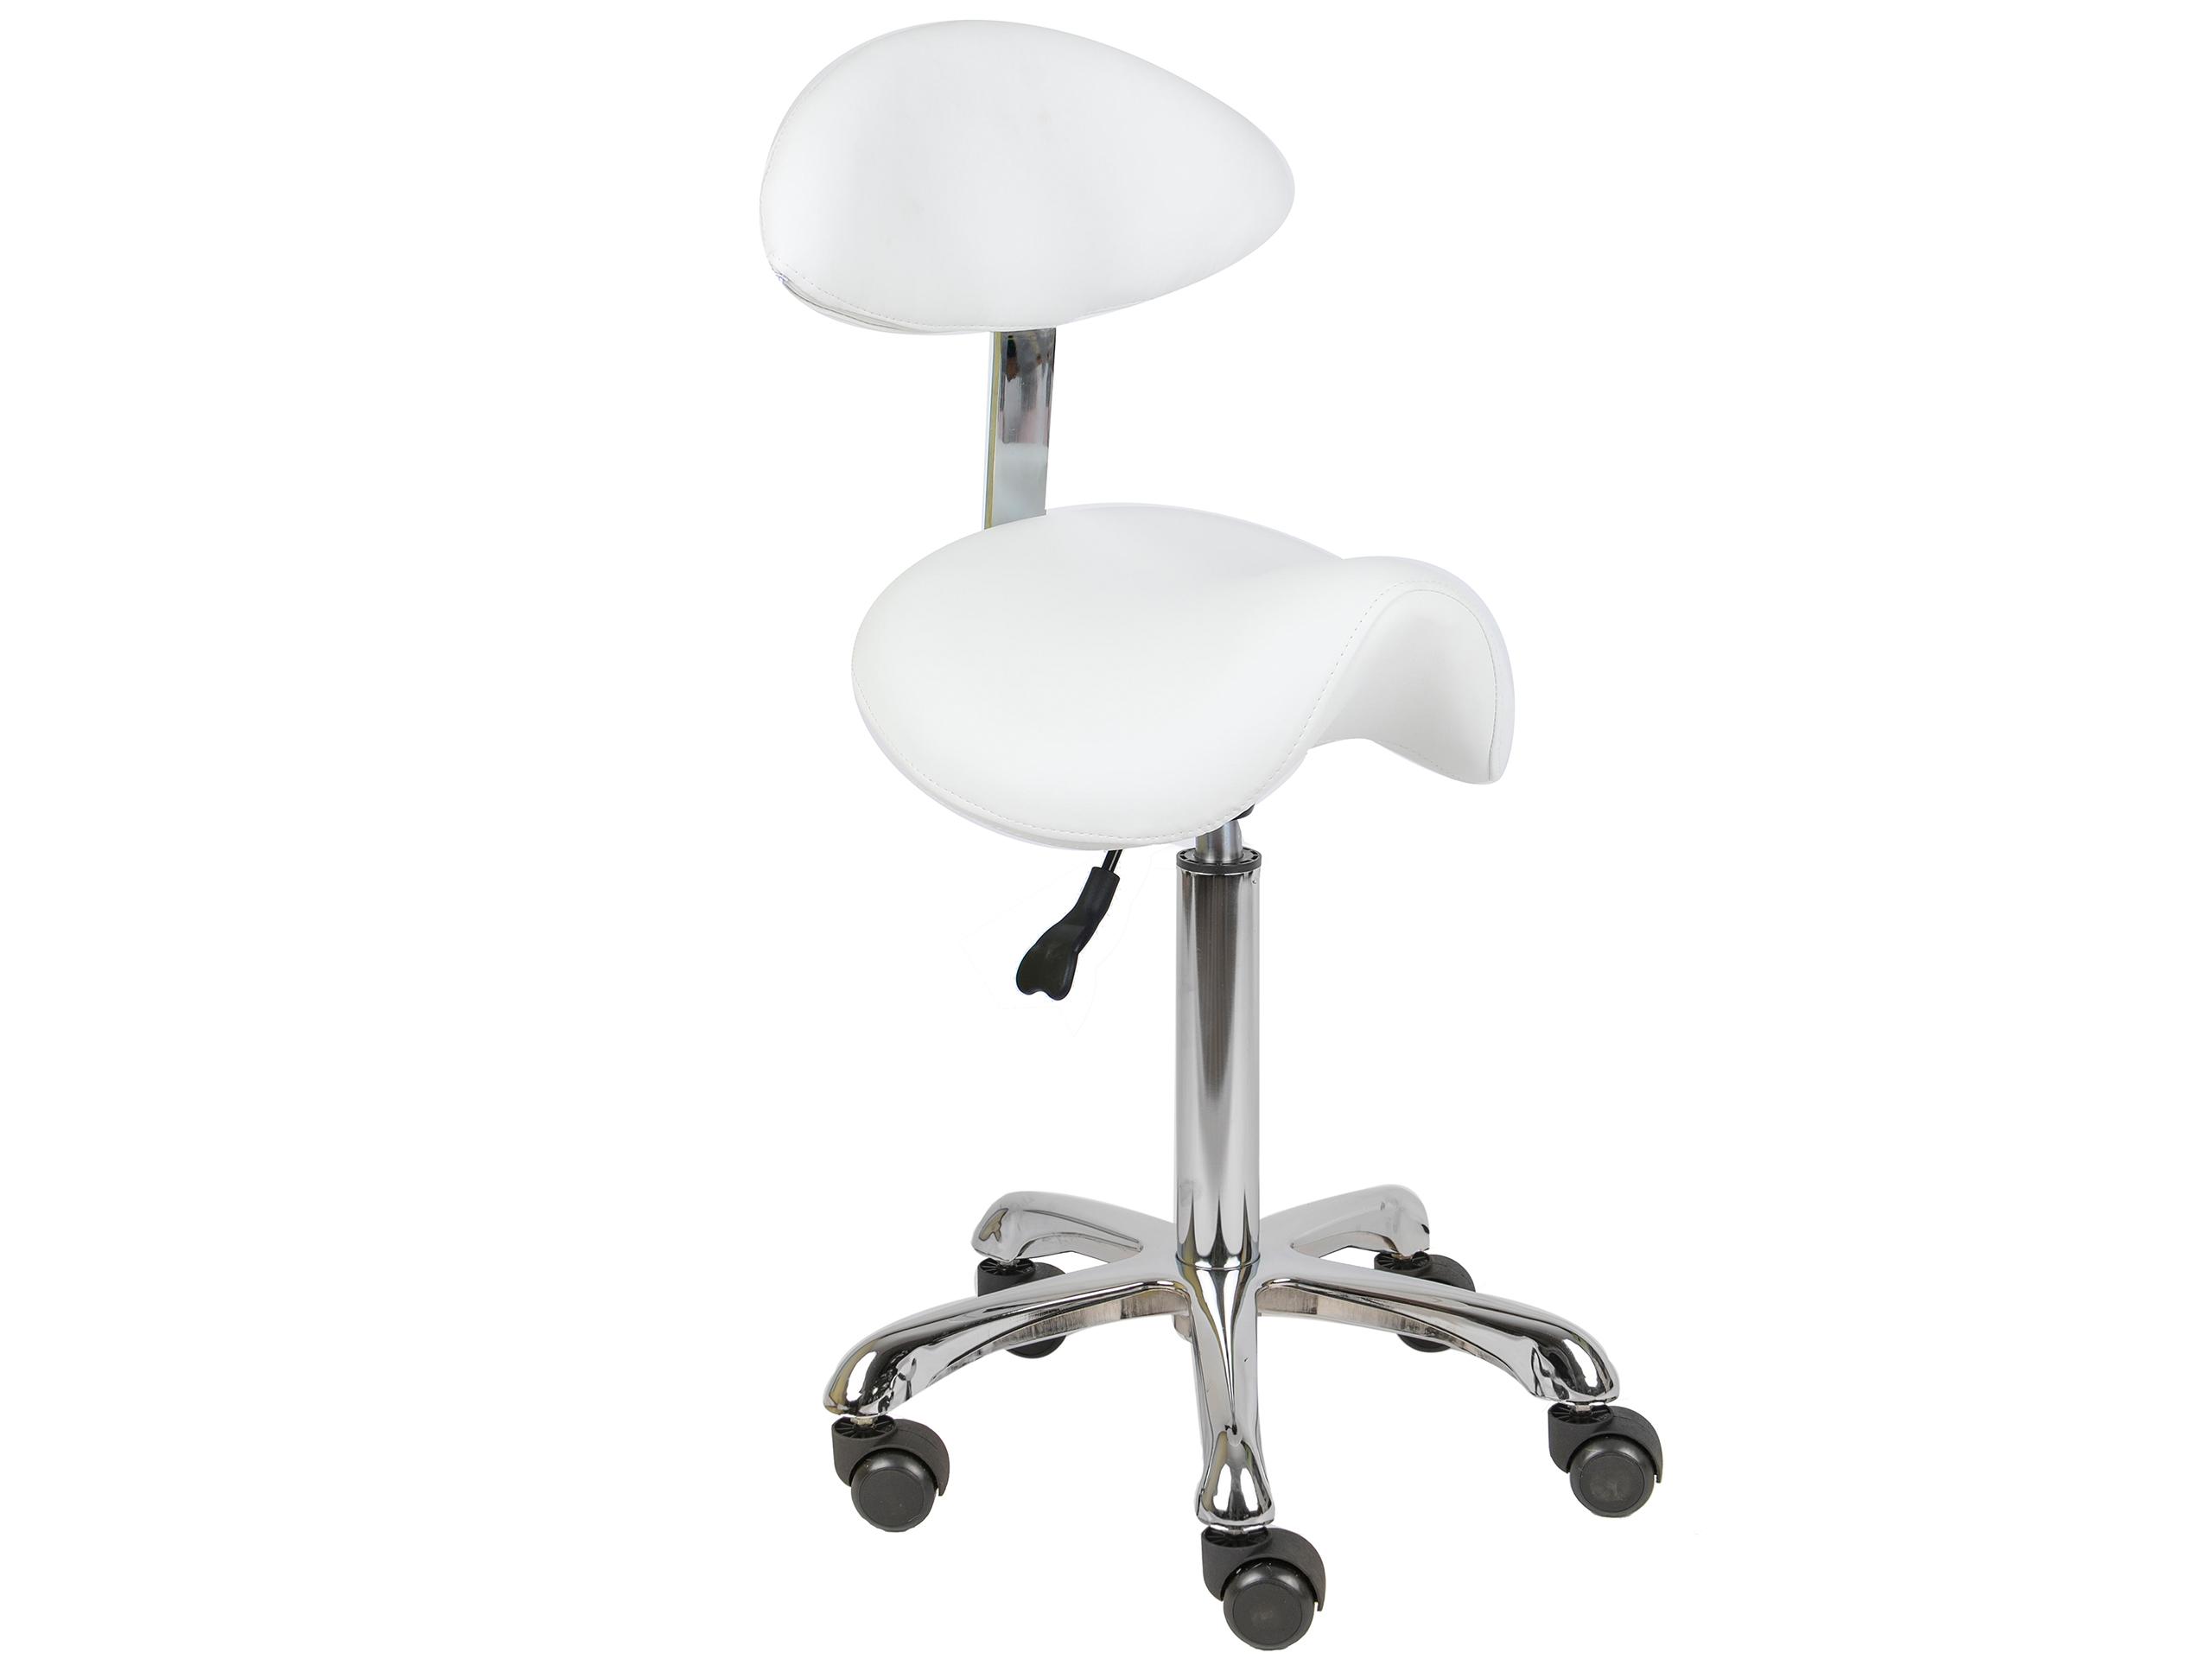 Relaxačná kozmetická stolička s operadlom FV